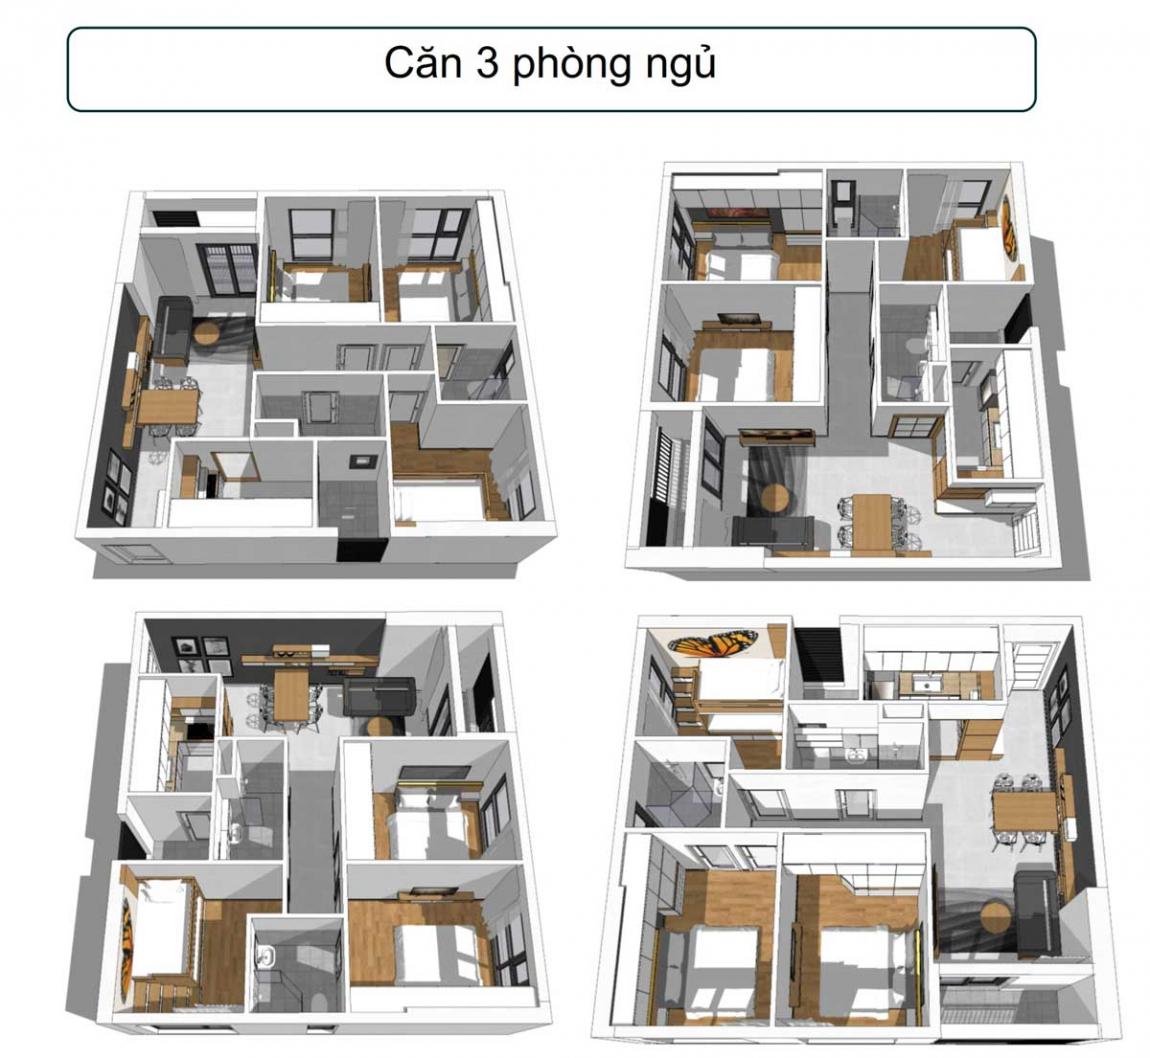 Thiết kế 3D căn hộ 3 phòng ngủ, 2 toilet dự án Phúc Đạt Tower Bình Dương